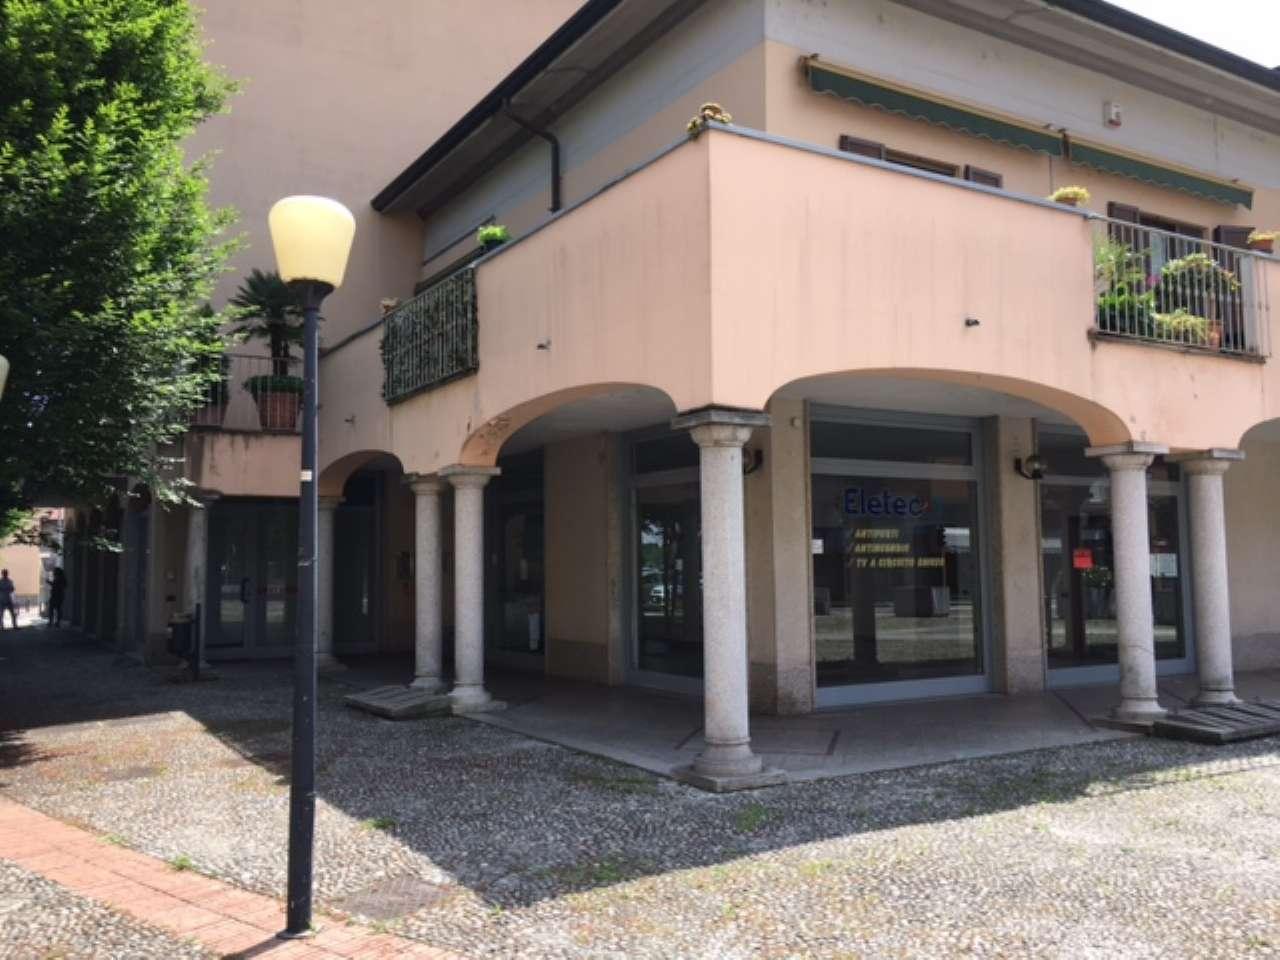 Negozio / Locale in vendita a Vanzago, 2 locali, Trattative riservate | CambioCasa.it